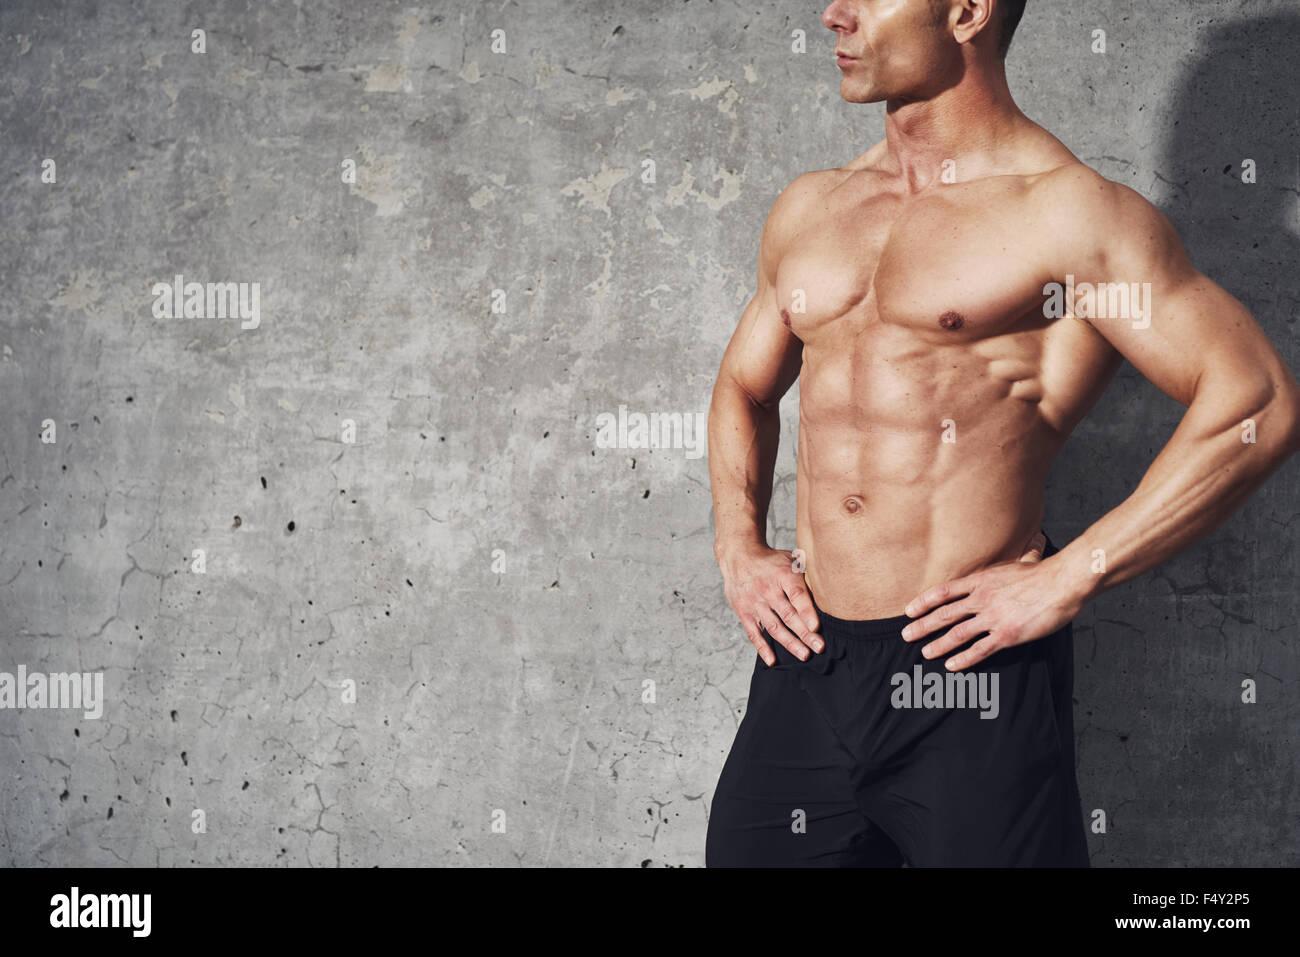 Fitness-Porträt halben Körper six pack kein Hemd, Fitness-Konzept, Raum für Exemplar, fit und gesund Stockbild